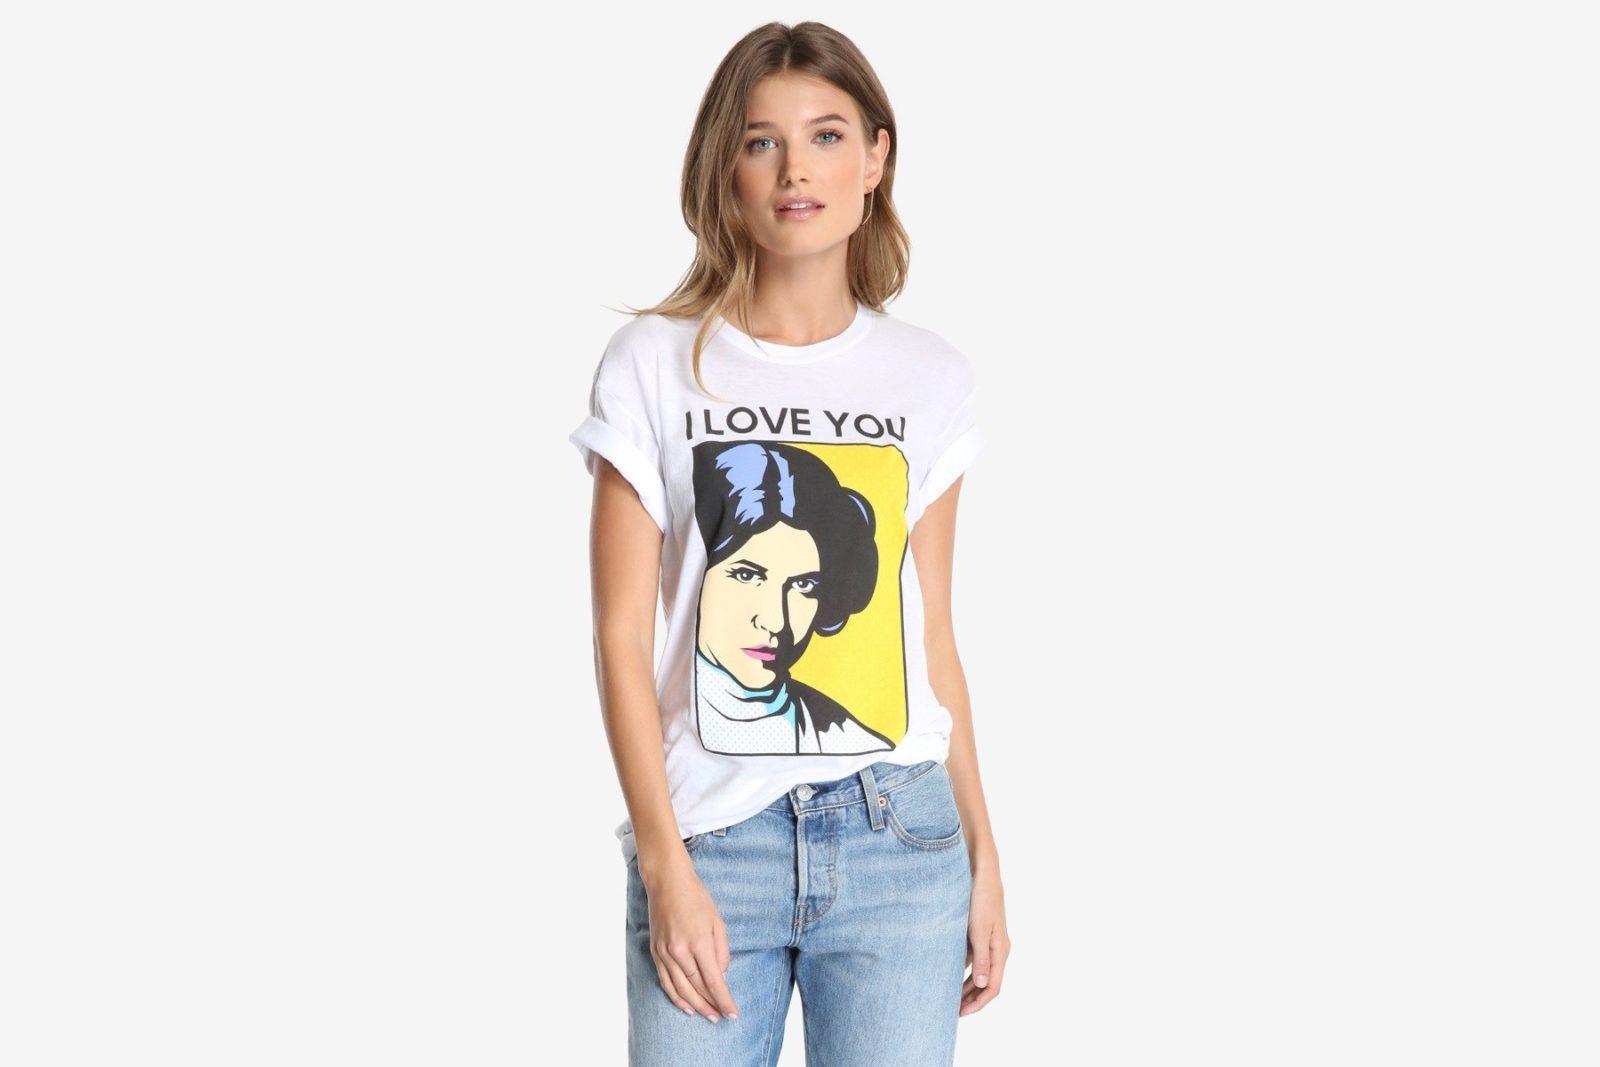 Women's Princess Leia 'I Love You' tee